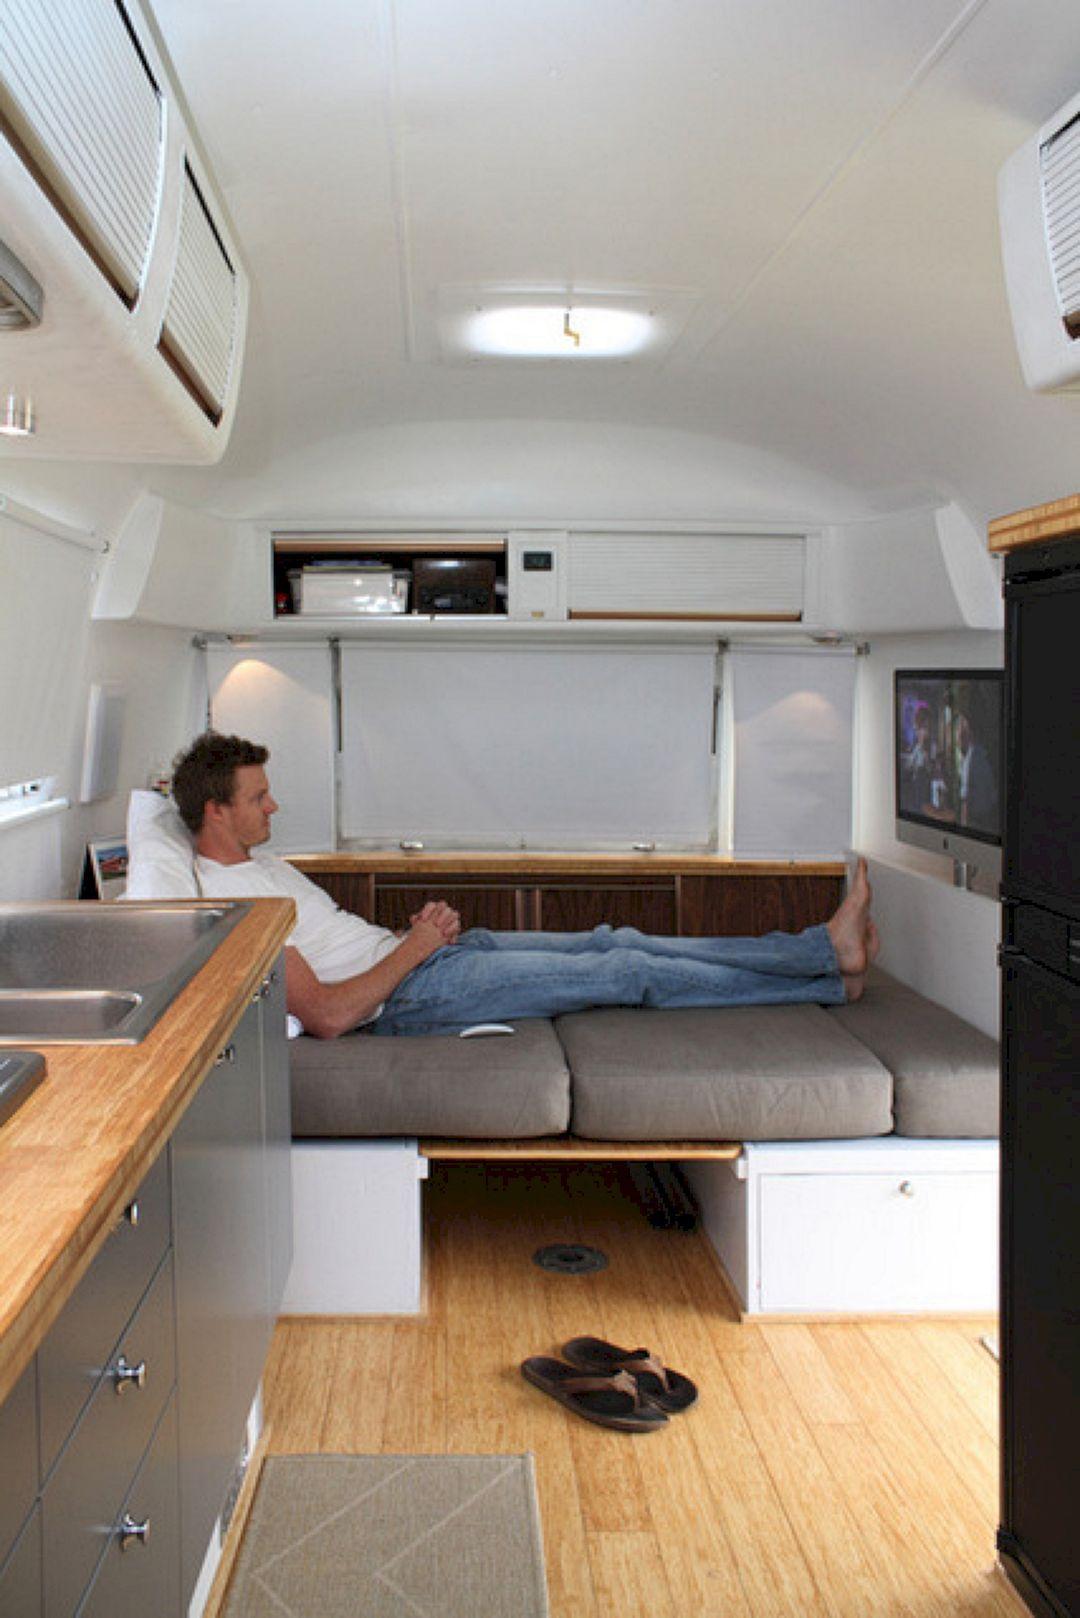 Airstream hacks